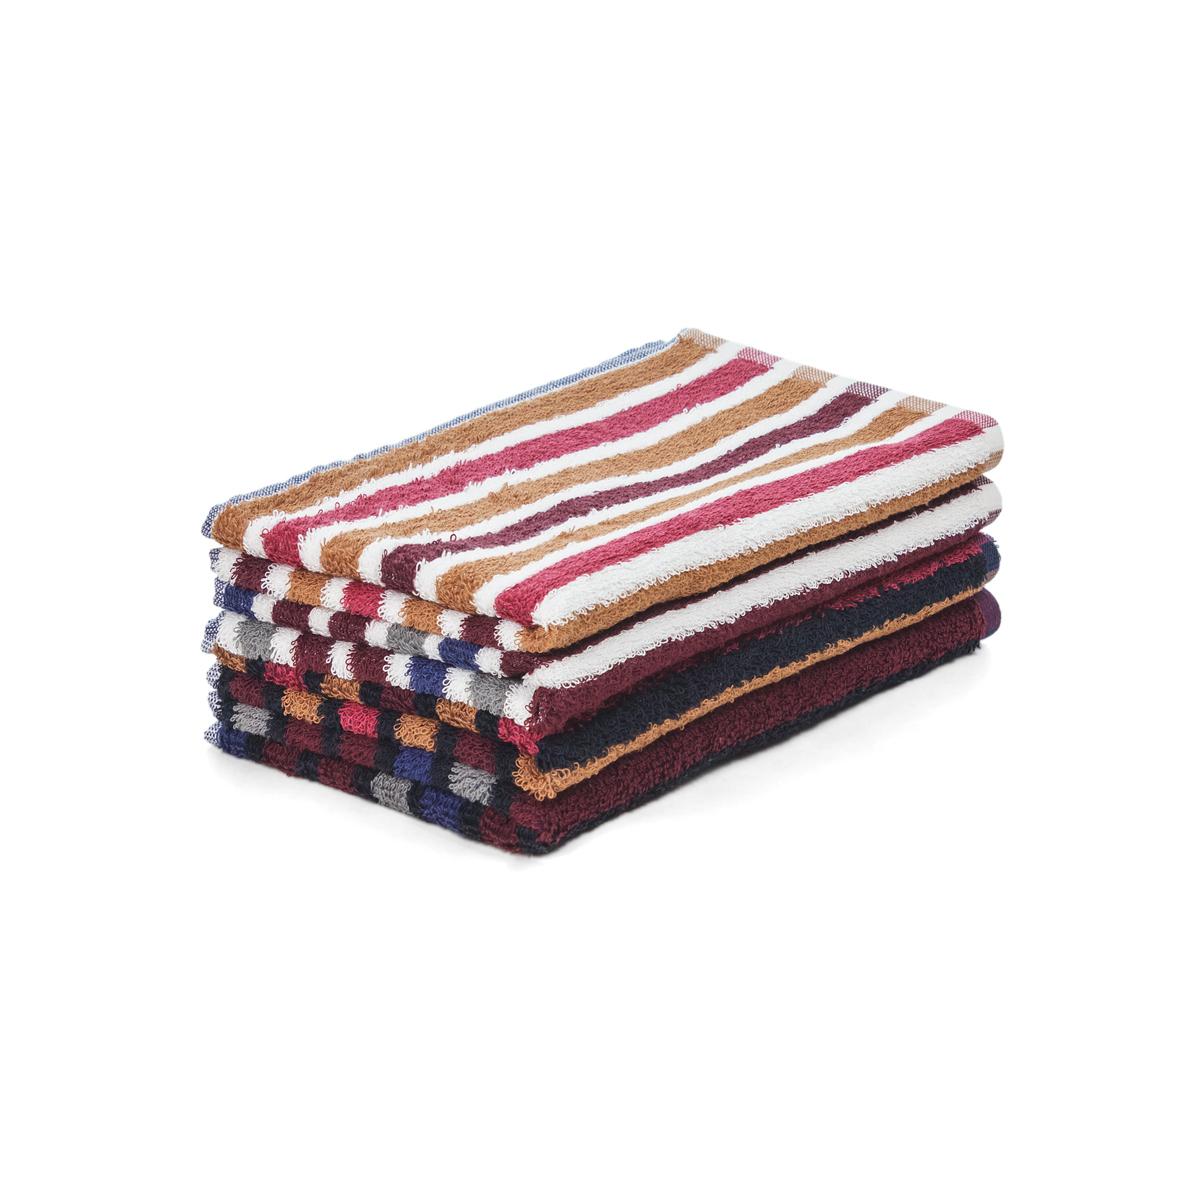 Полотенце Полосы Коричневый с черным р. 50х100Махровые полотенца<br><br><br>Тип: Полотенце<br>Размер: 50х100<br>Материал: Махра